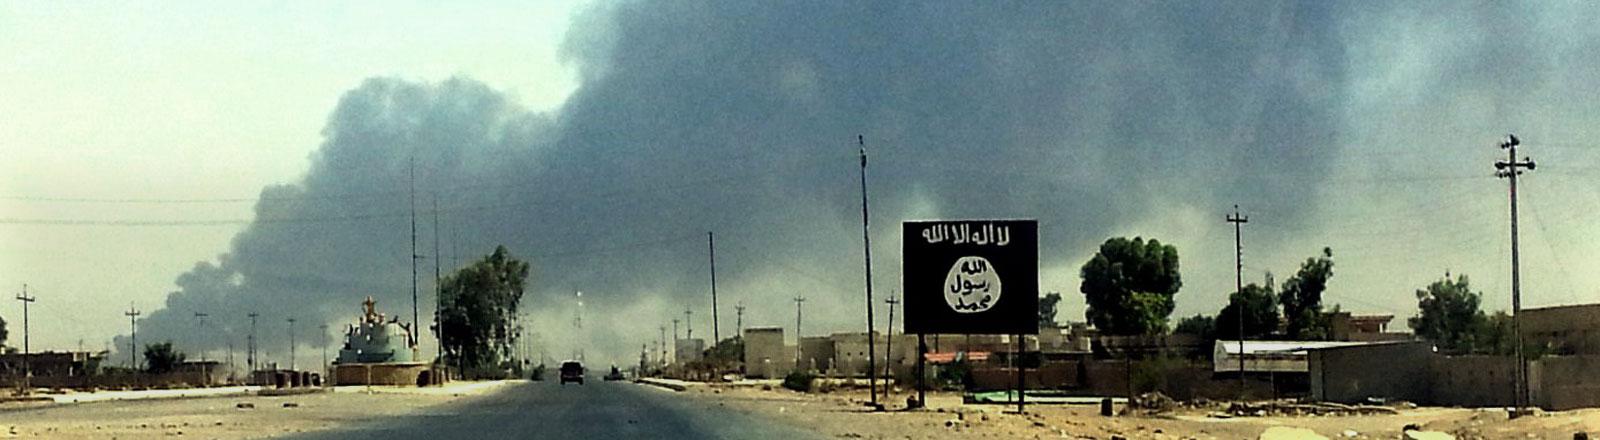 Die brennende Raffinerie in Baidschi im Irak wurde von Isis eingenommen. Im Vordergrund die Isis-Fahne.